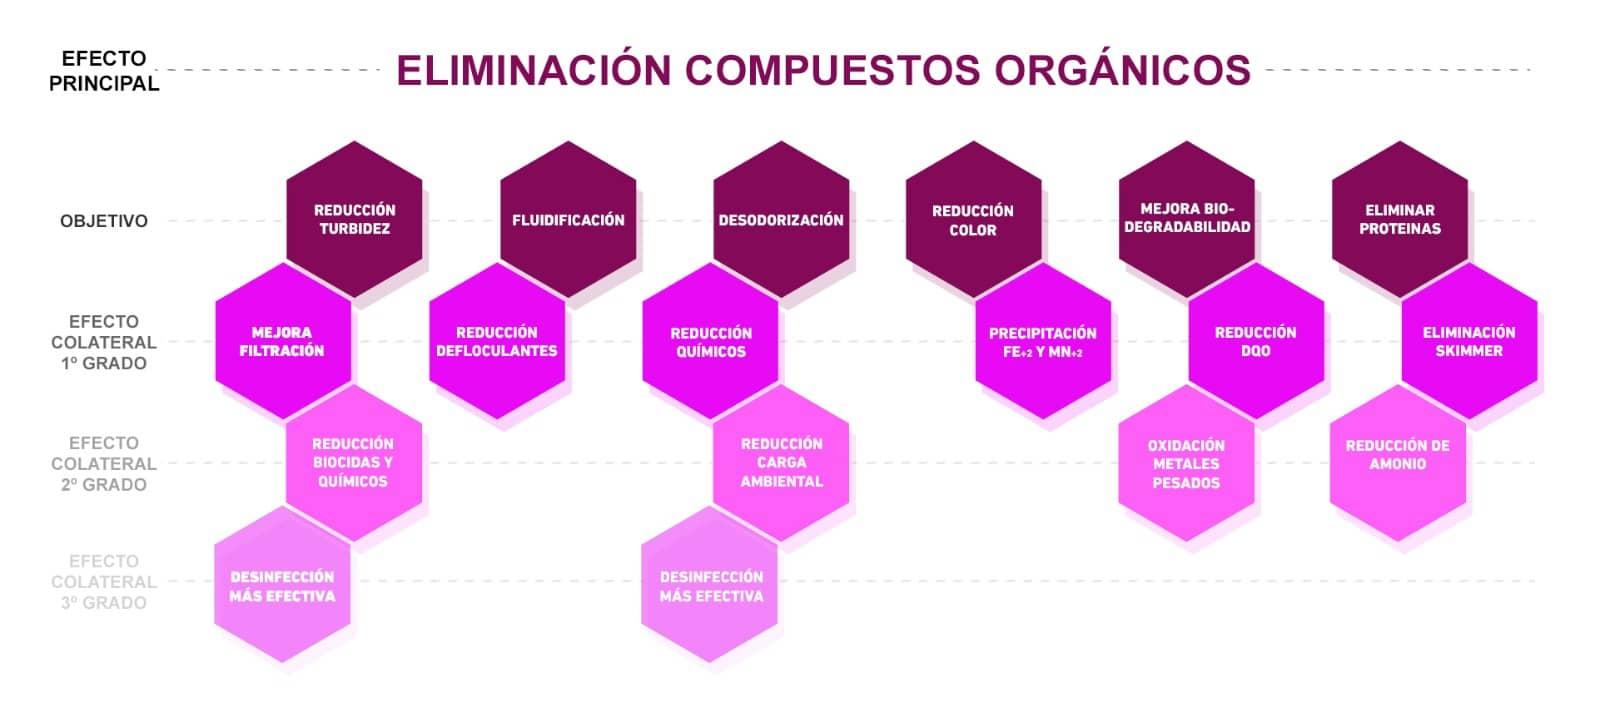 Radicales OH eliminación compuestos orgánicos